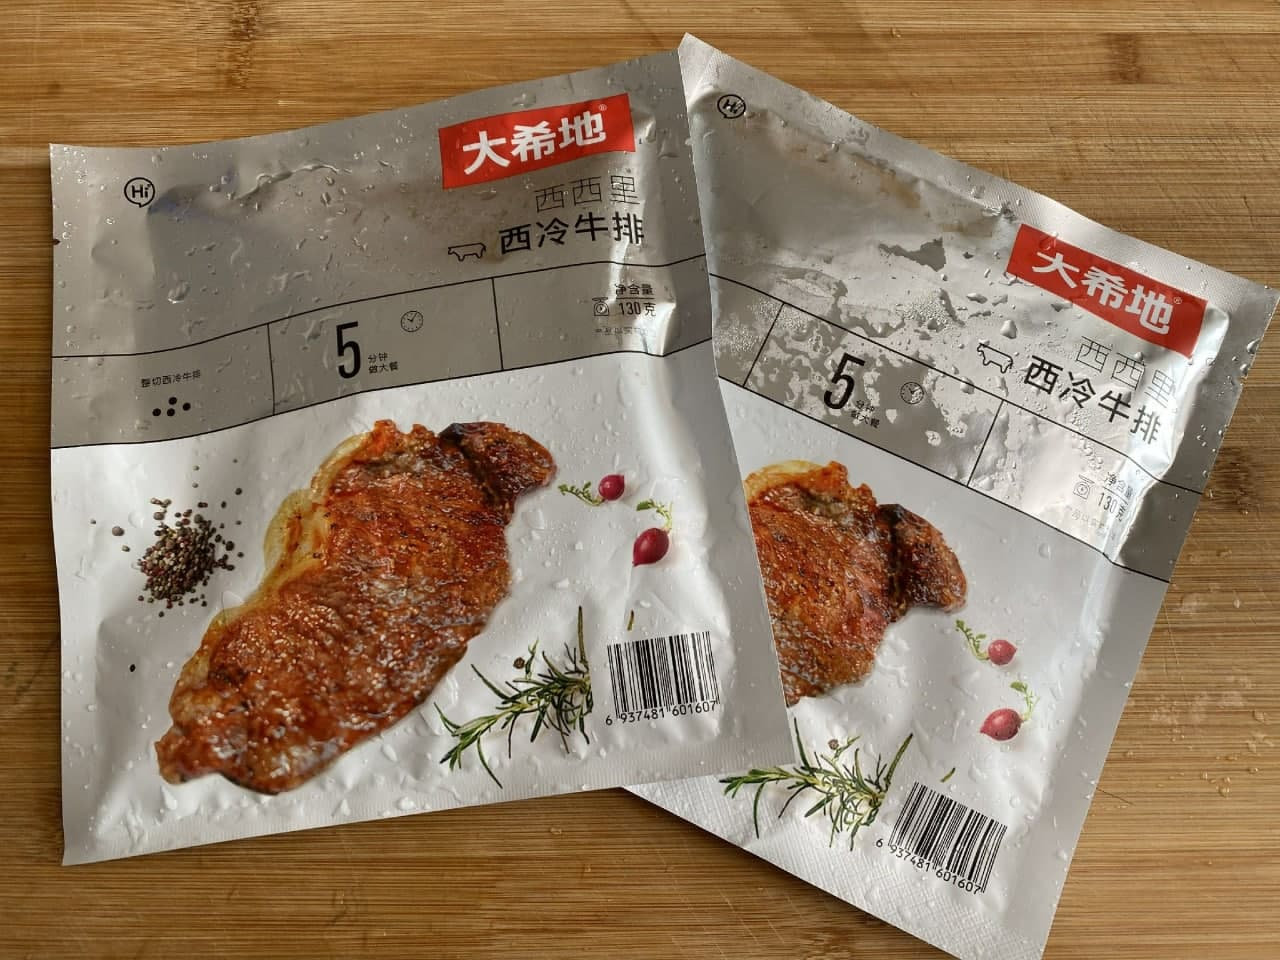 牛排怎么煎好吃又简单(煎牛排好吃有诀窍)